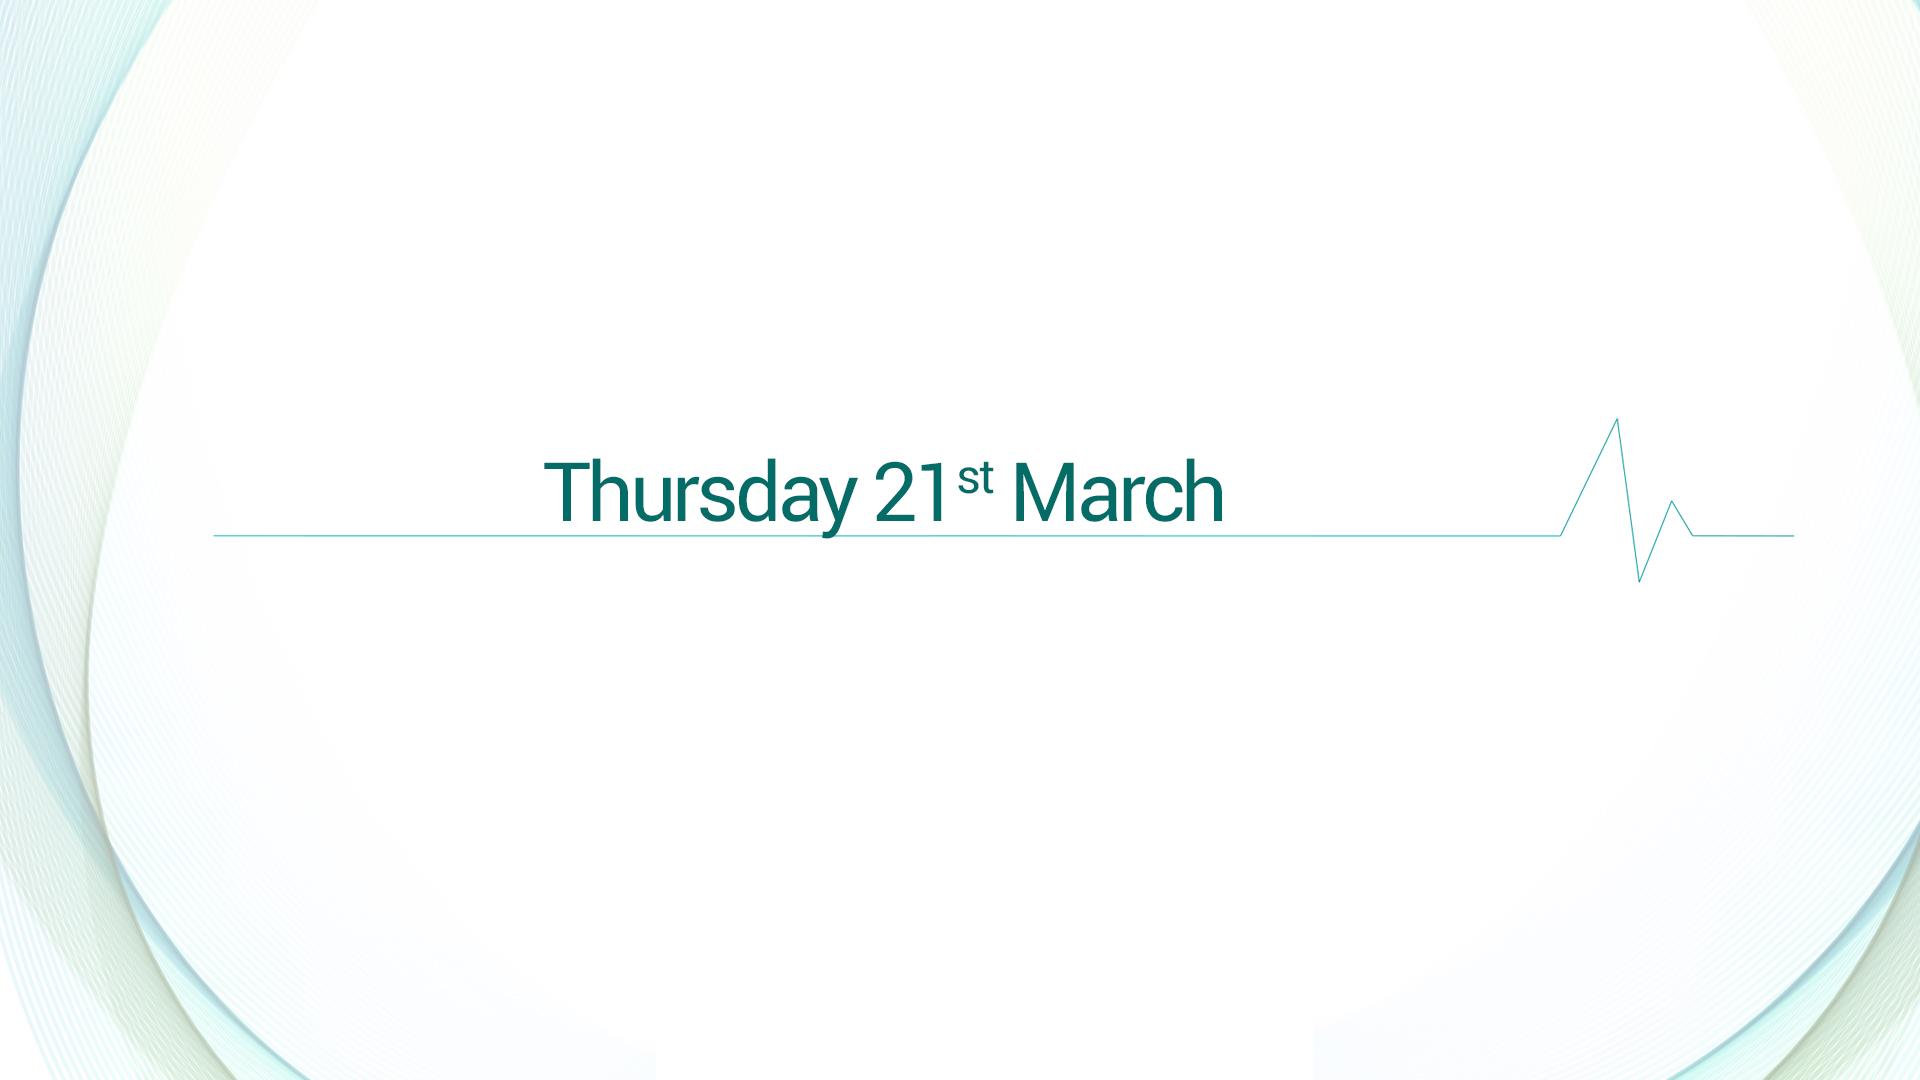 MUAC 2019 : Thursday, 21st March 2019